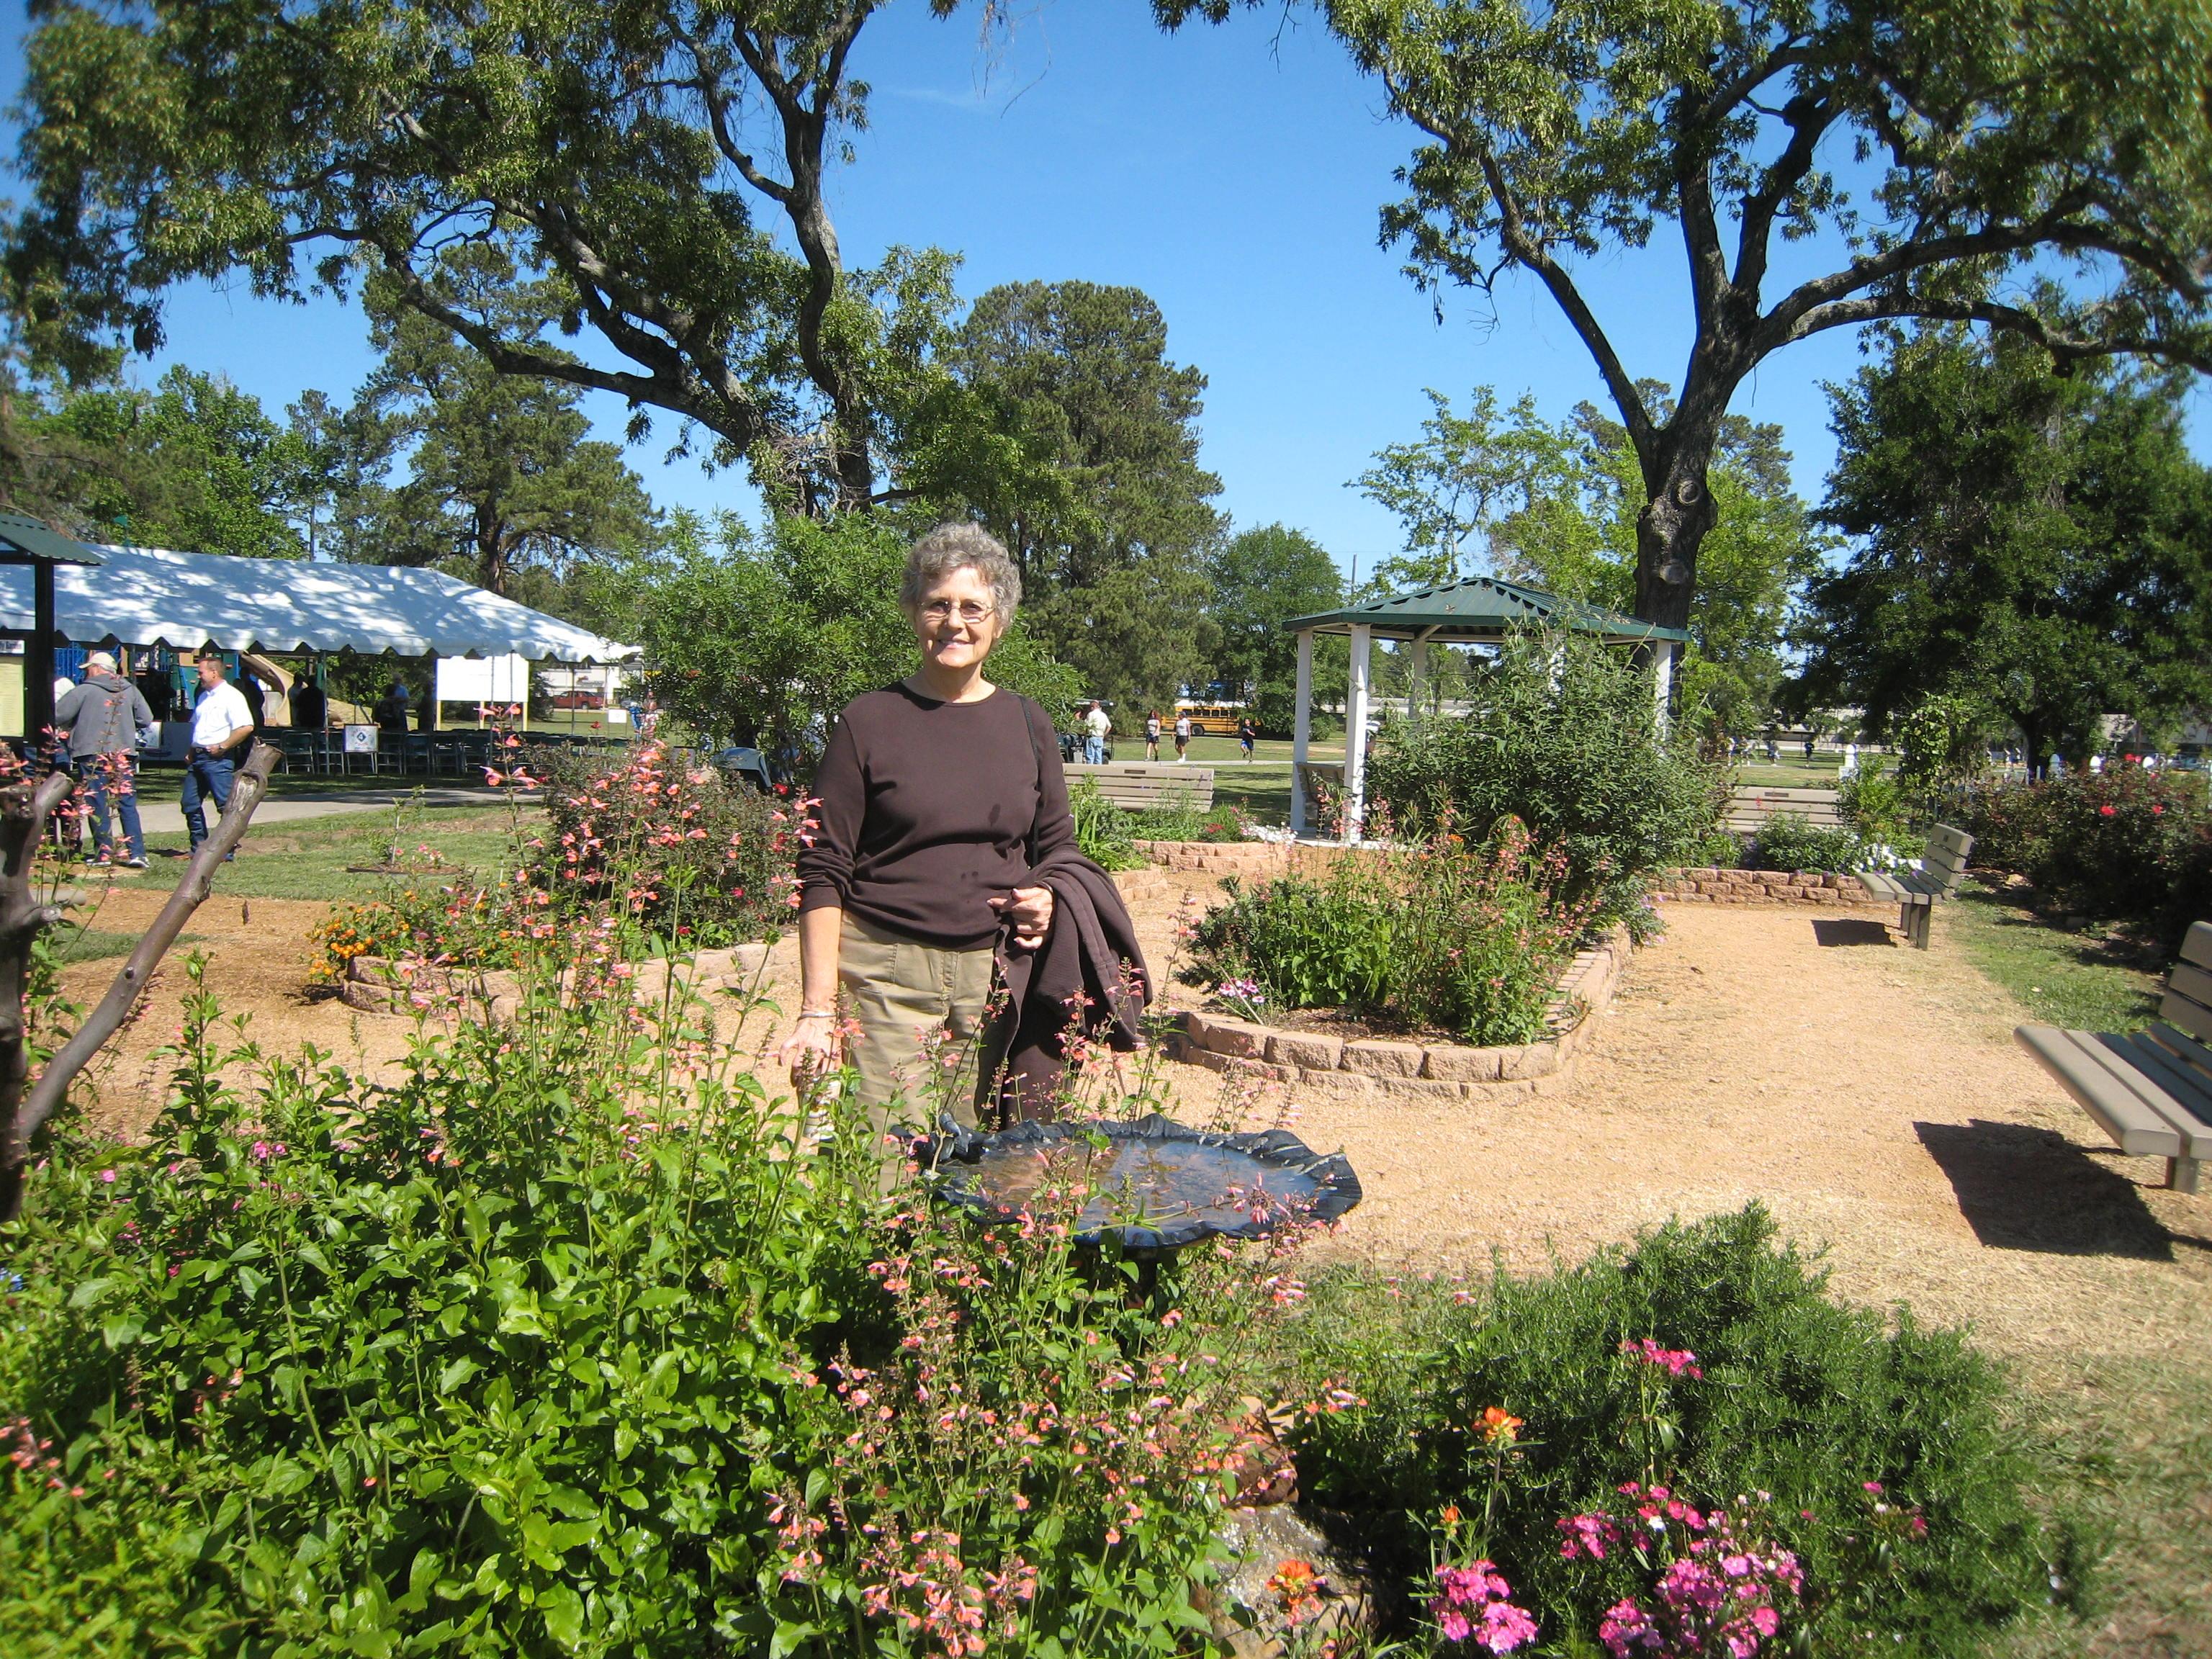 Carol Bennett and the Butterfly Garden at Matzke Park.